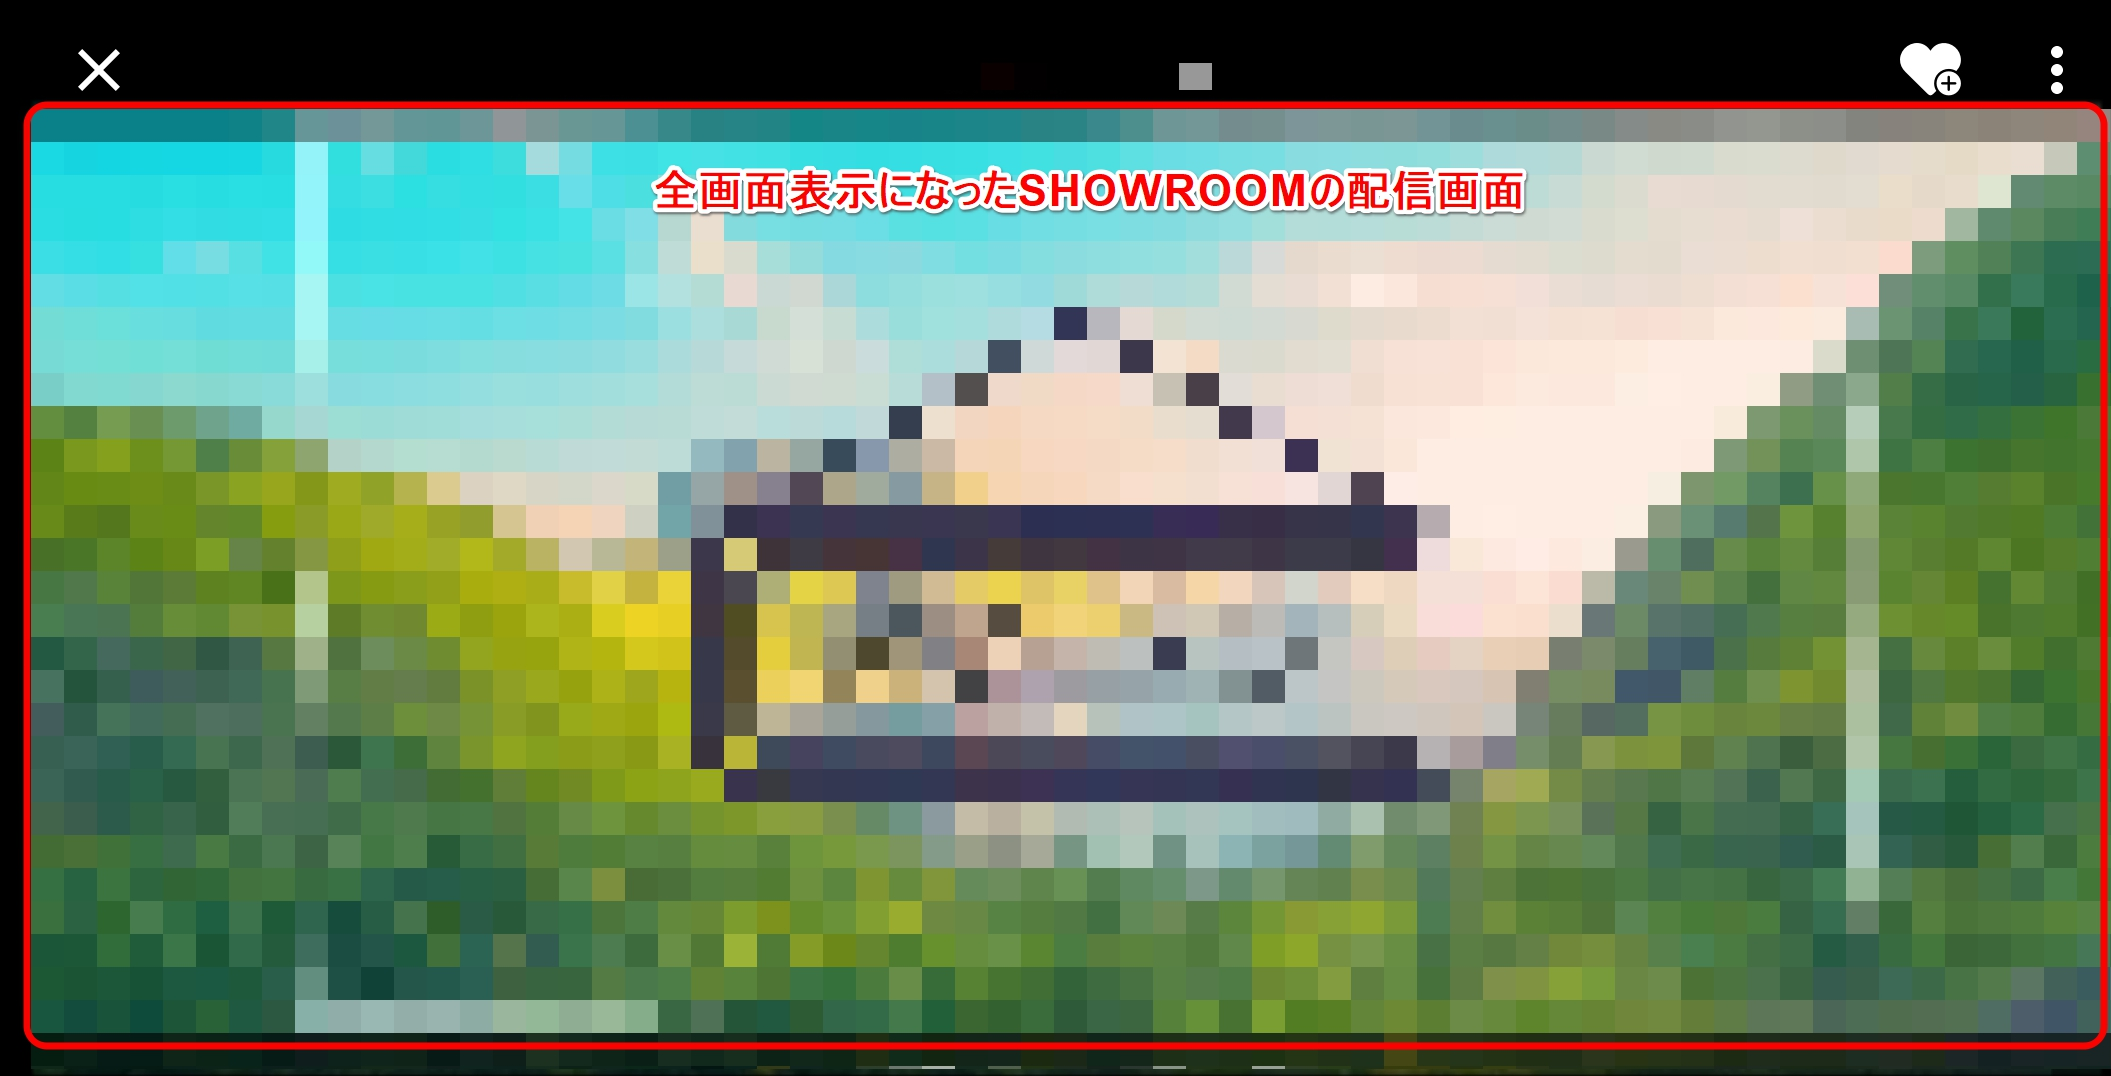 SHOWROOM全画面